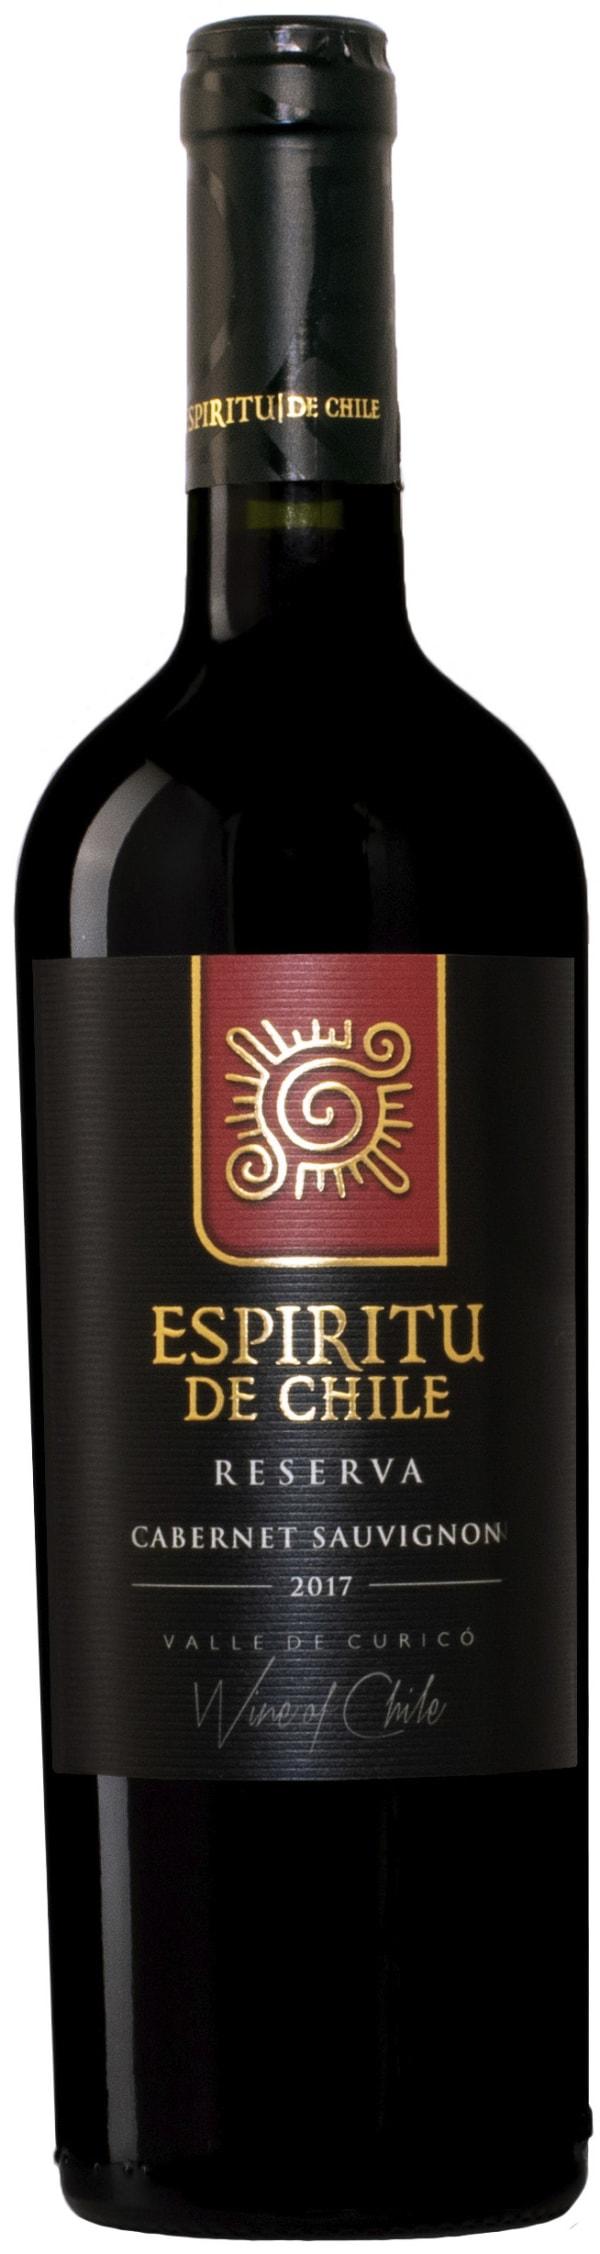 Espíritu de Chile Reserva Cabernet Sauvignon 2015